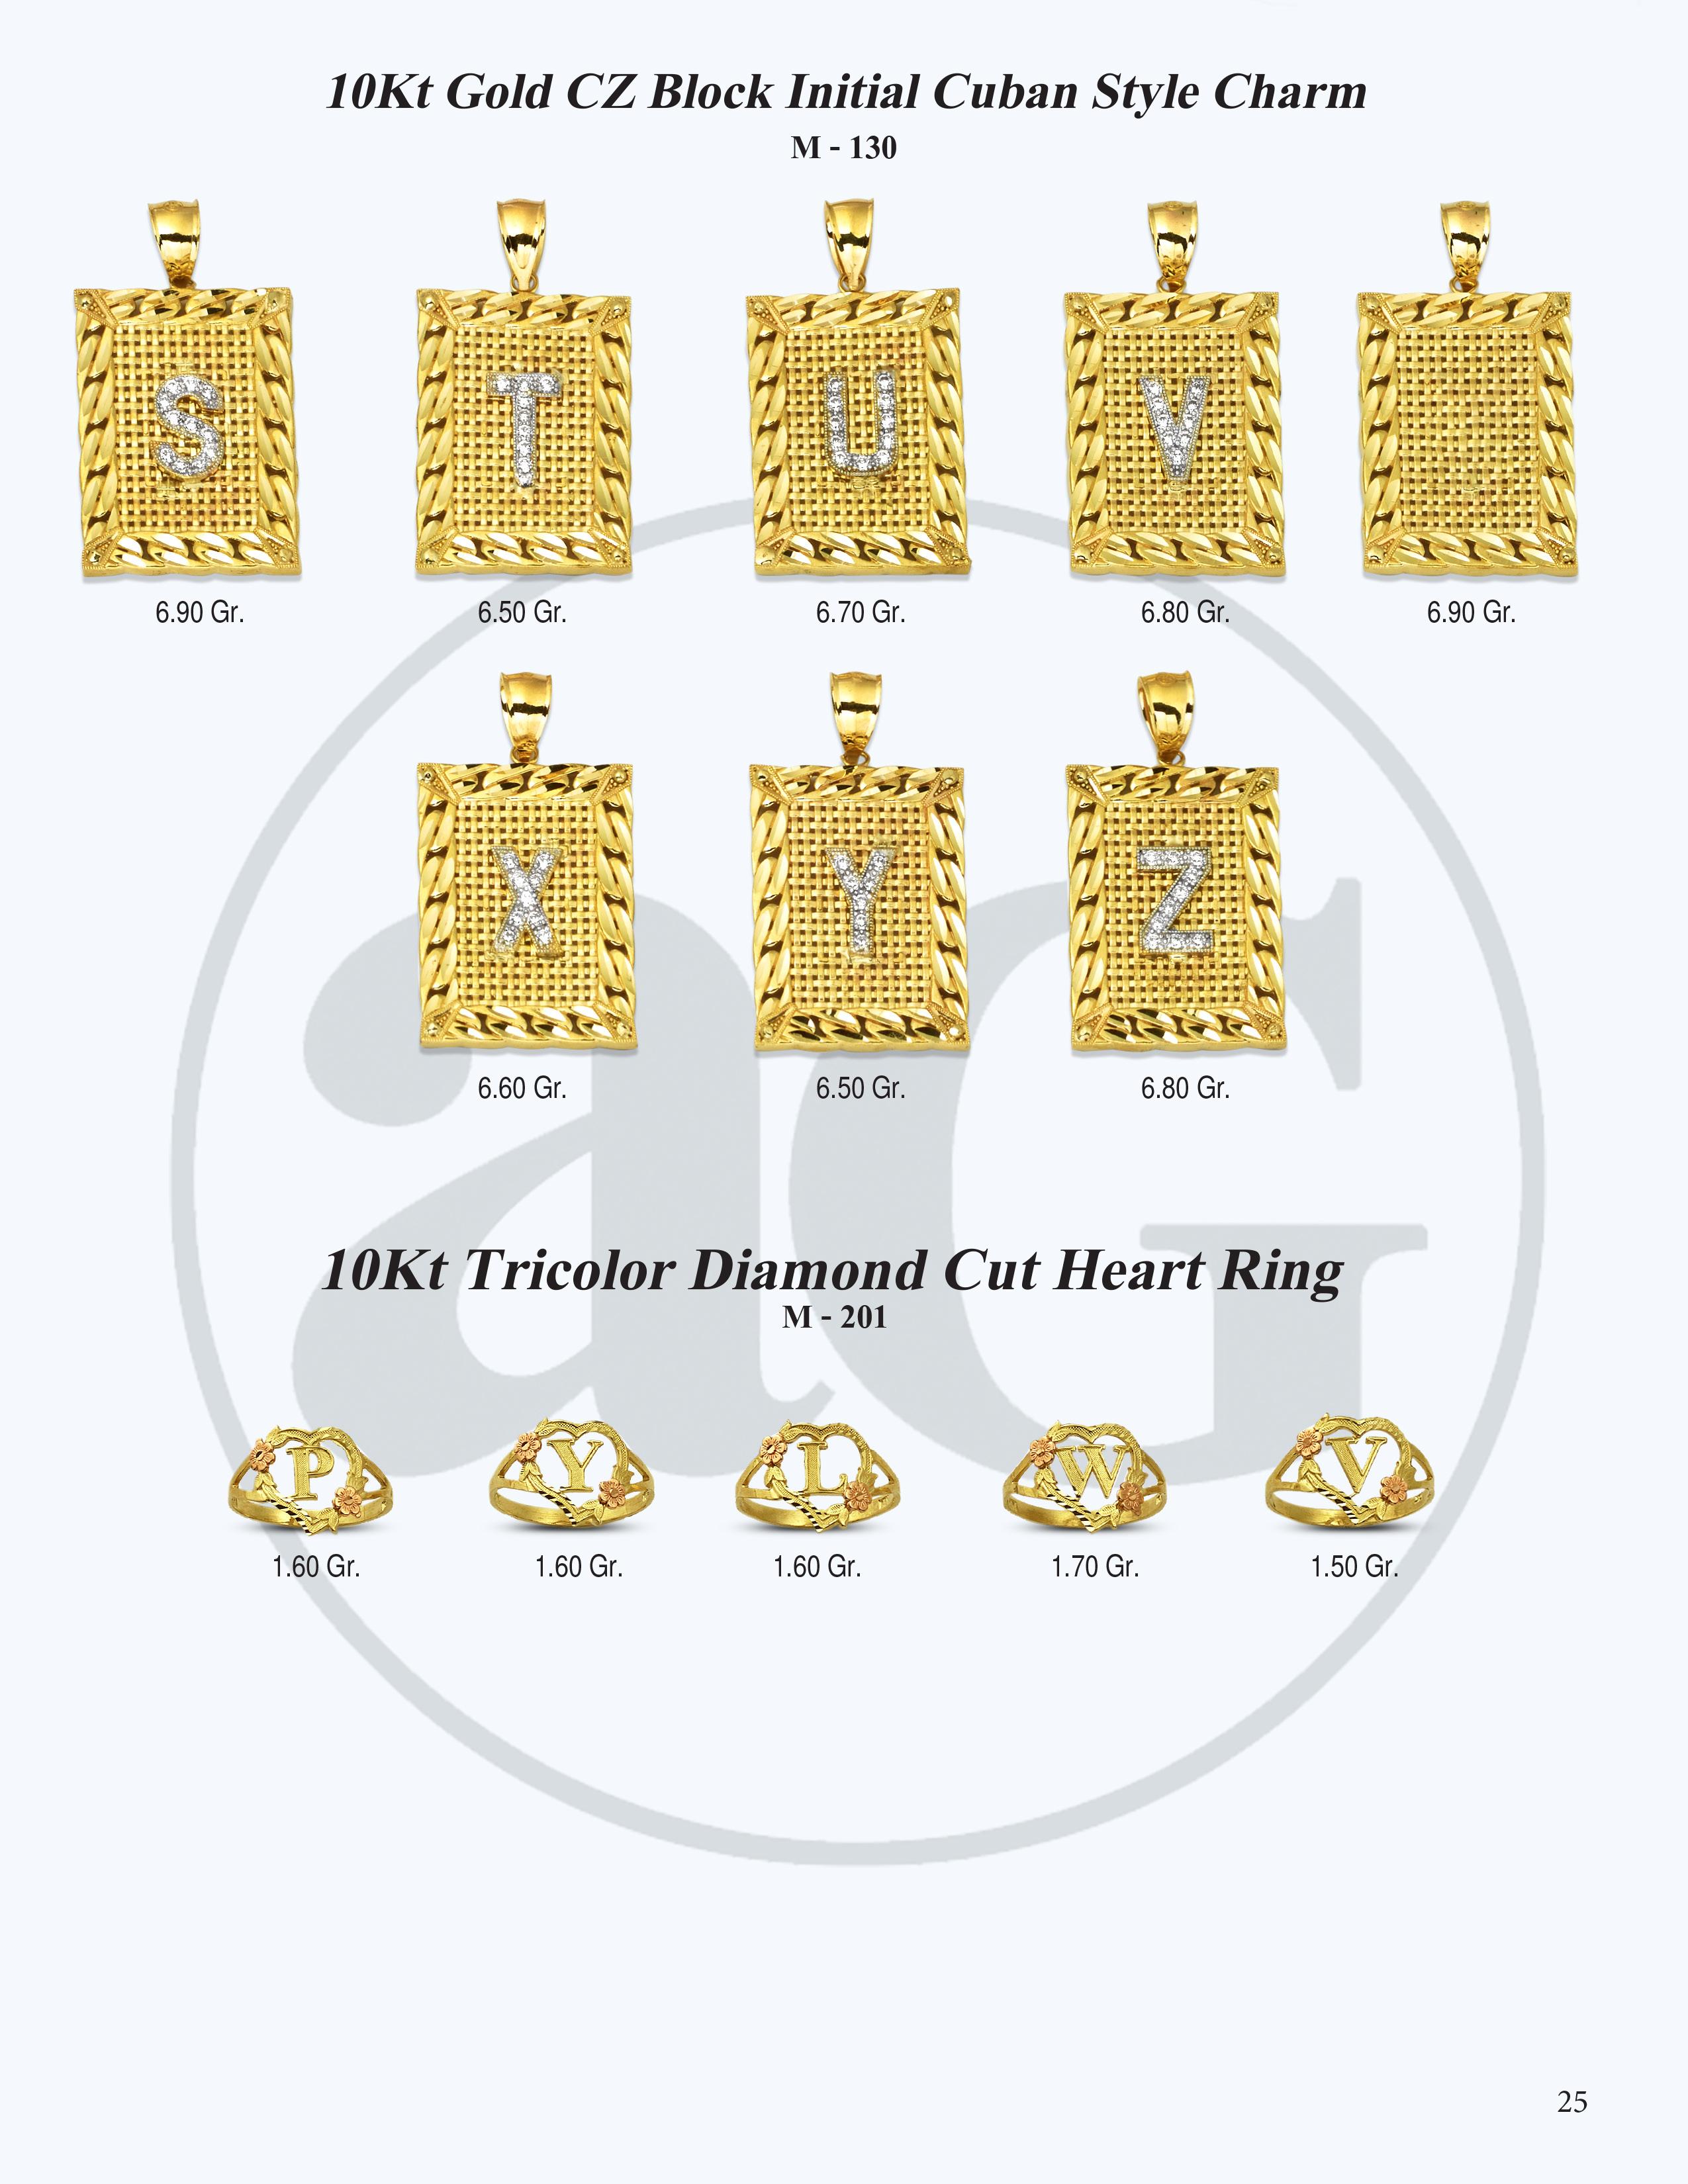 10kt Gold Initials Catalog-25